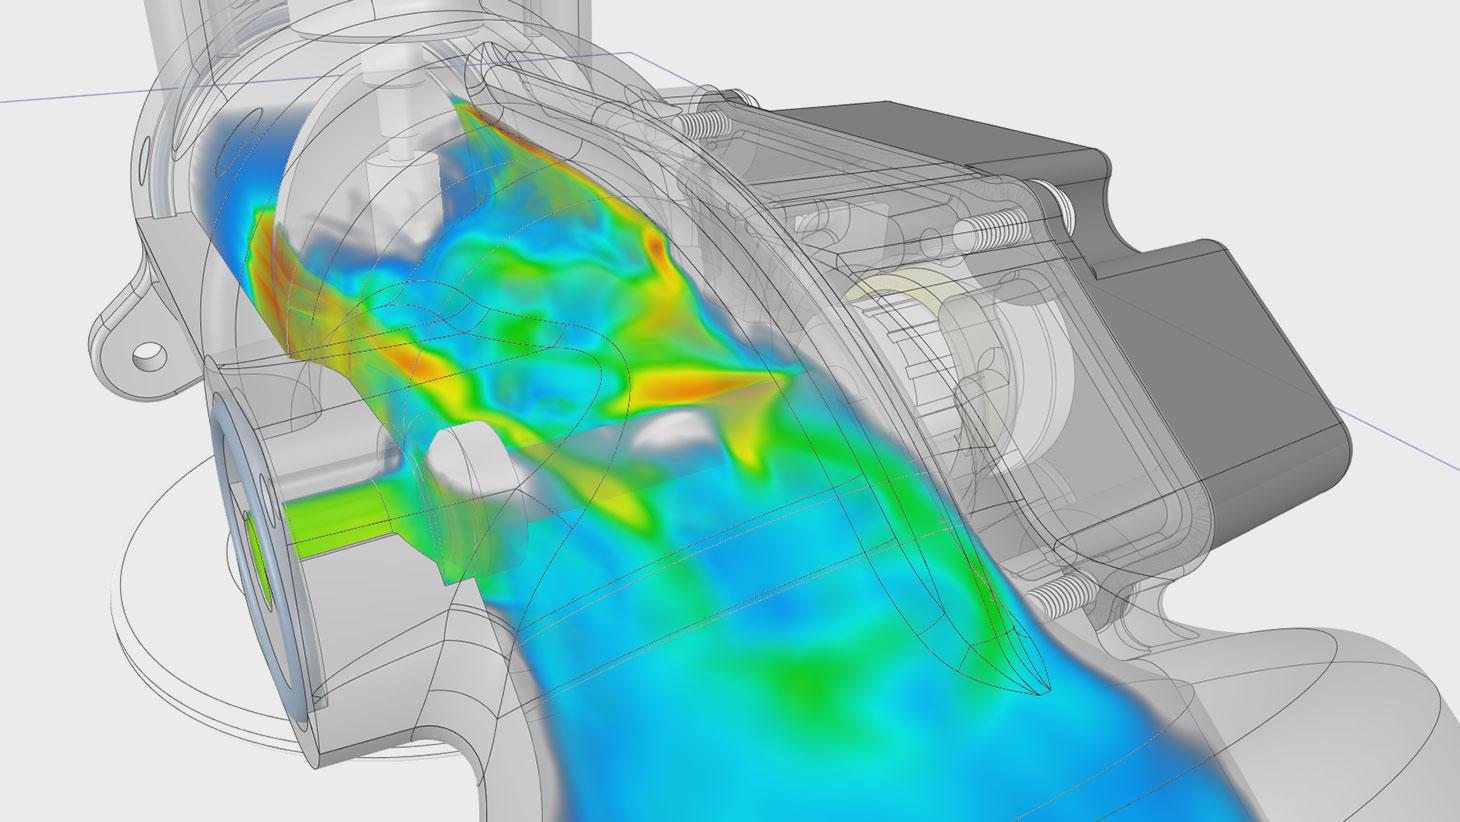 Ansys 2020 R1 favorece la combinación de simulaciones multifísicas